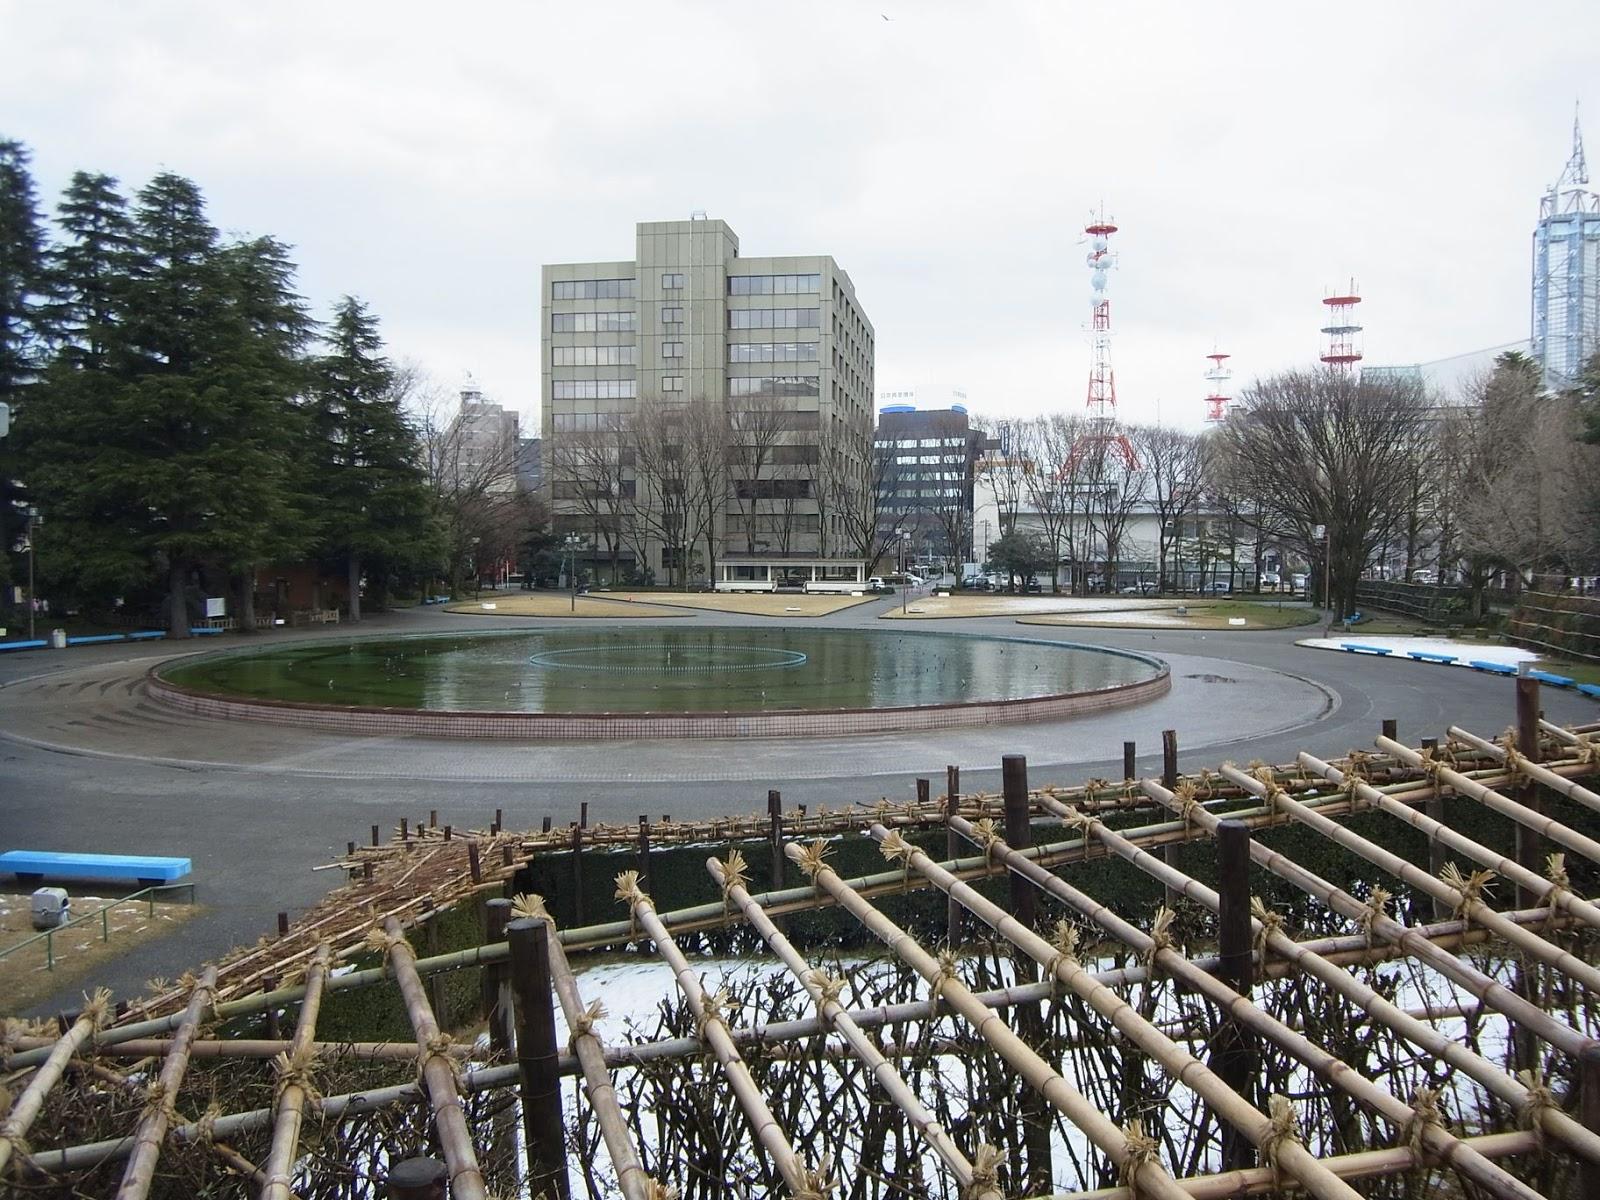 374/1000 県庁前公園(富山県富山市)